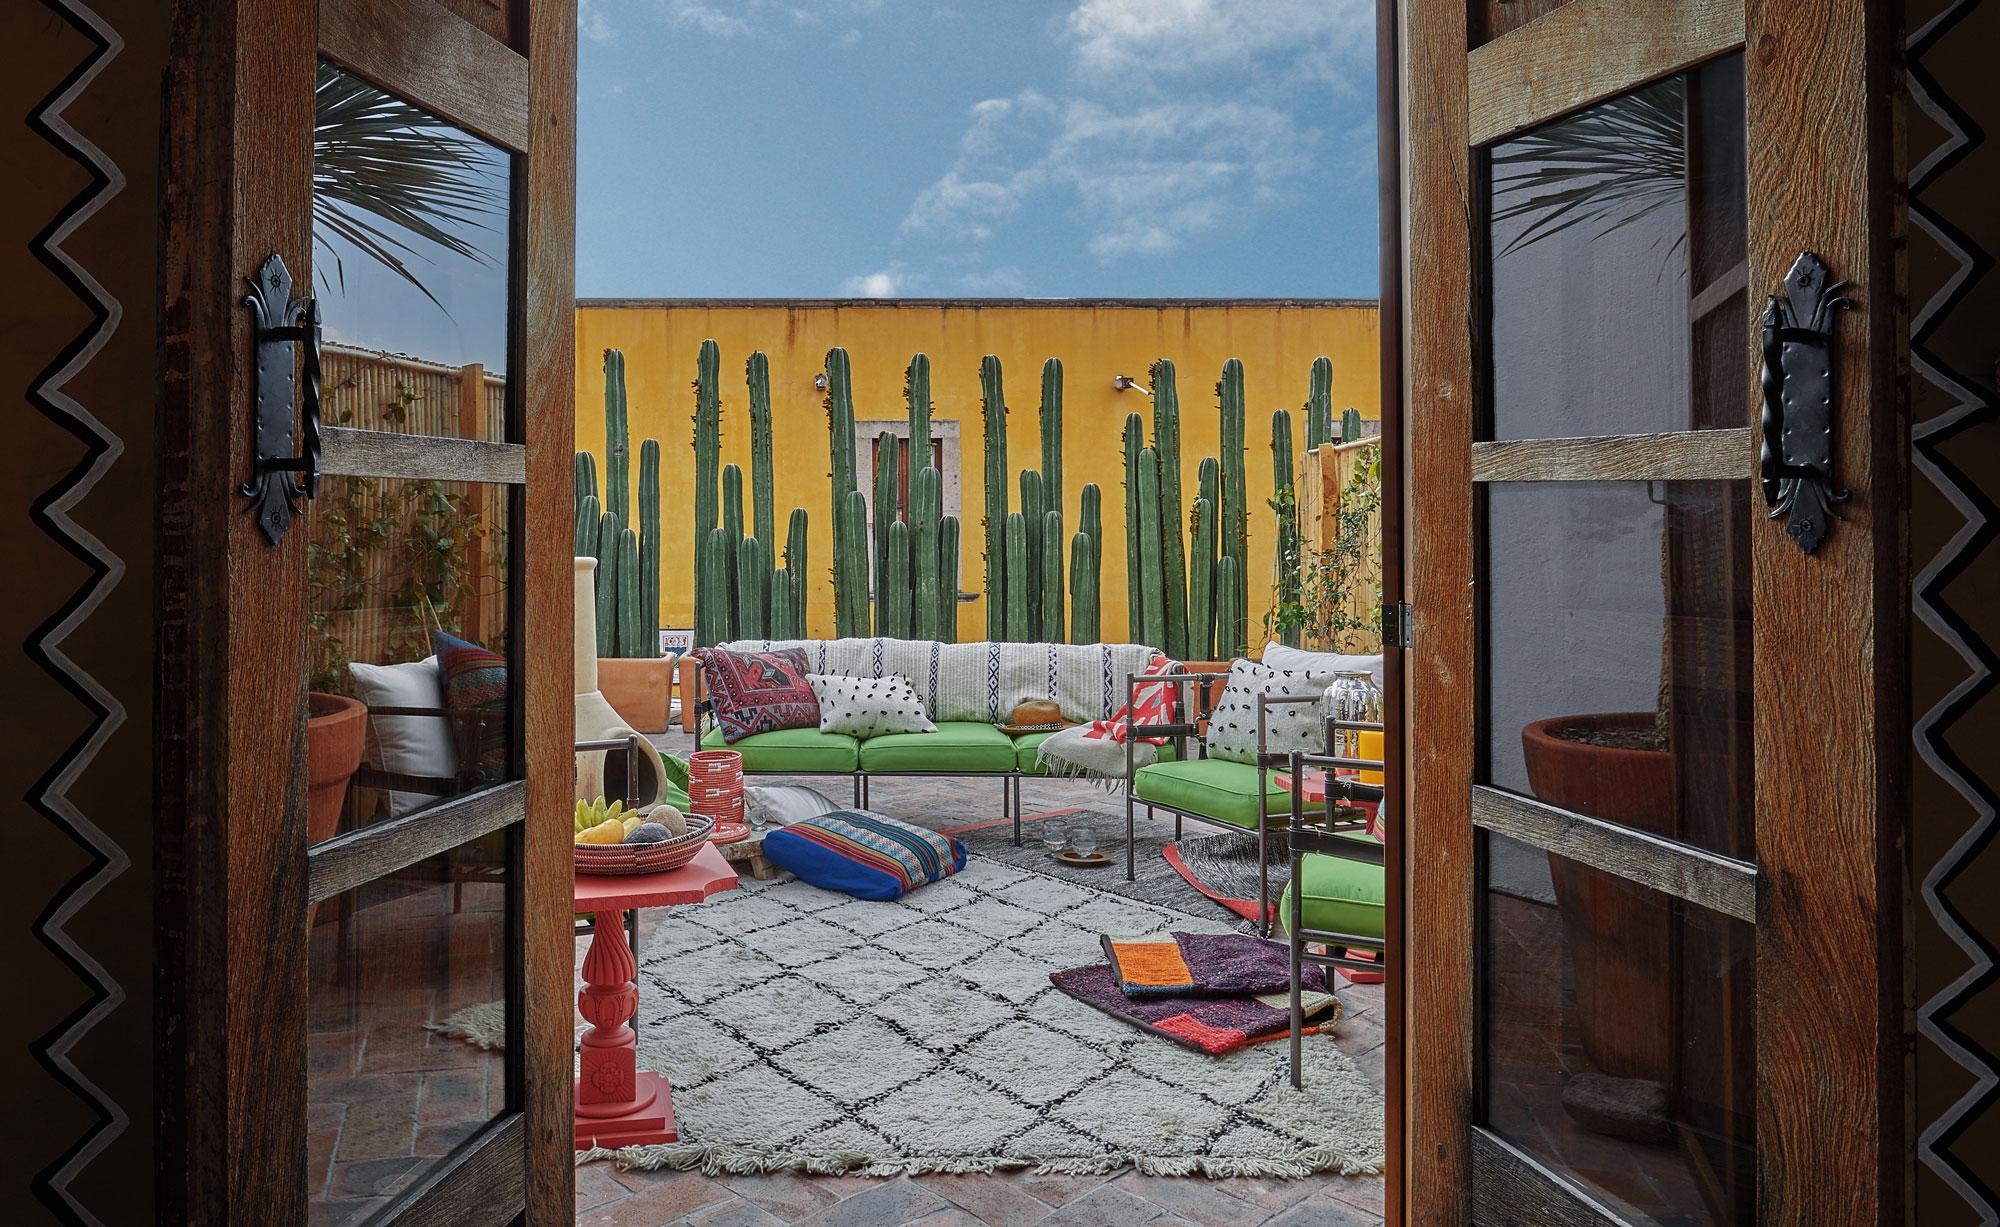 meson Hidalgo,hotel,maison d'hôtes,mexique,travel,voyage,amérique du sud, San Miguel de Allende